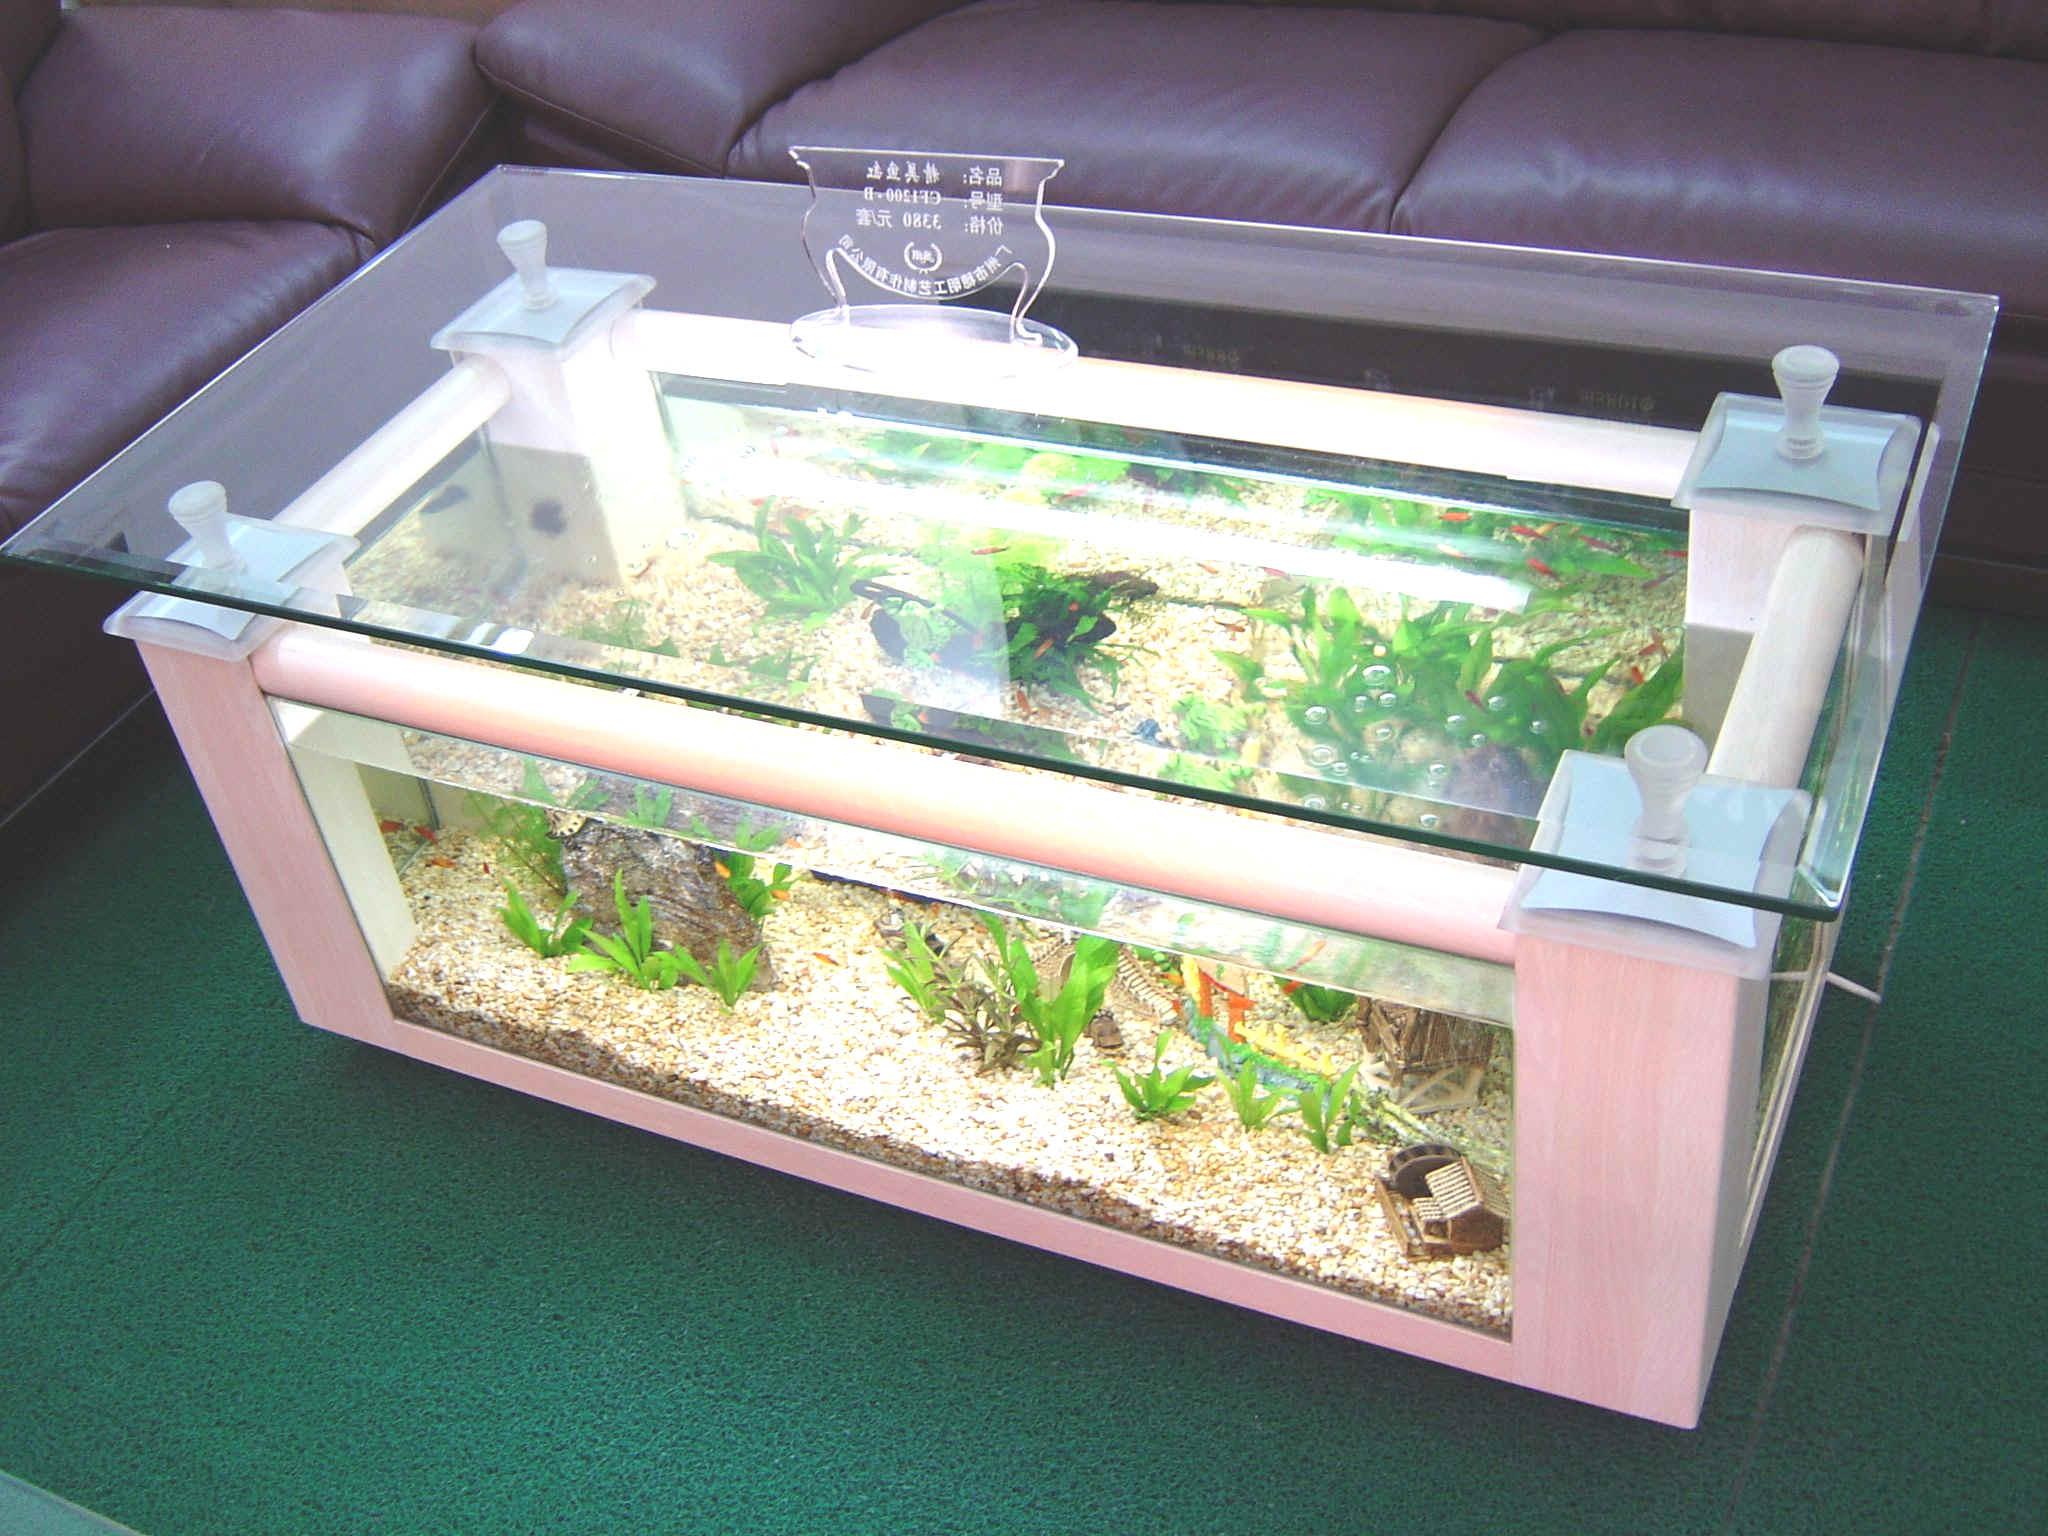 Coffee table aquarium for sale roy home design for Table aquarium